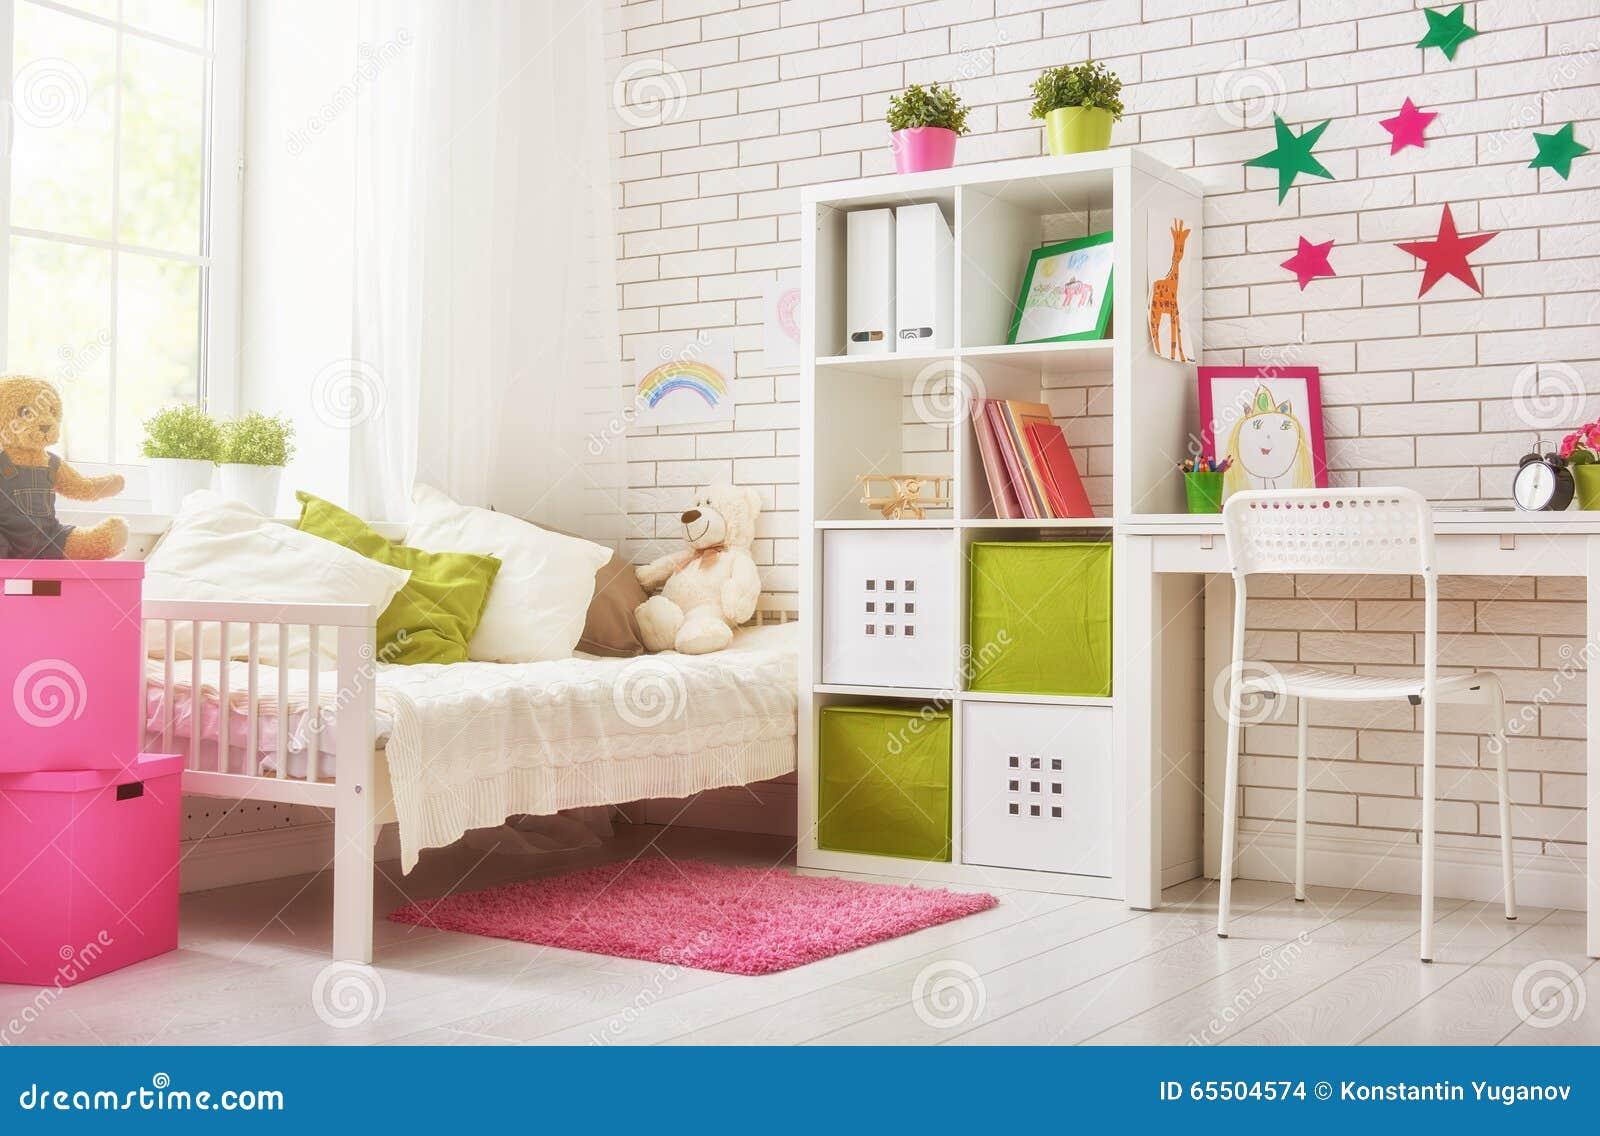 Camera da letto per la ragazza del bambino fotografia - Camera da letto ragazza ...